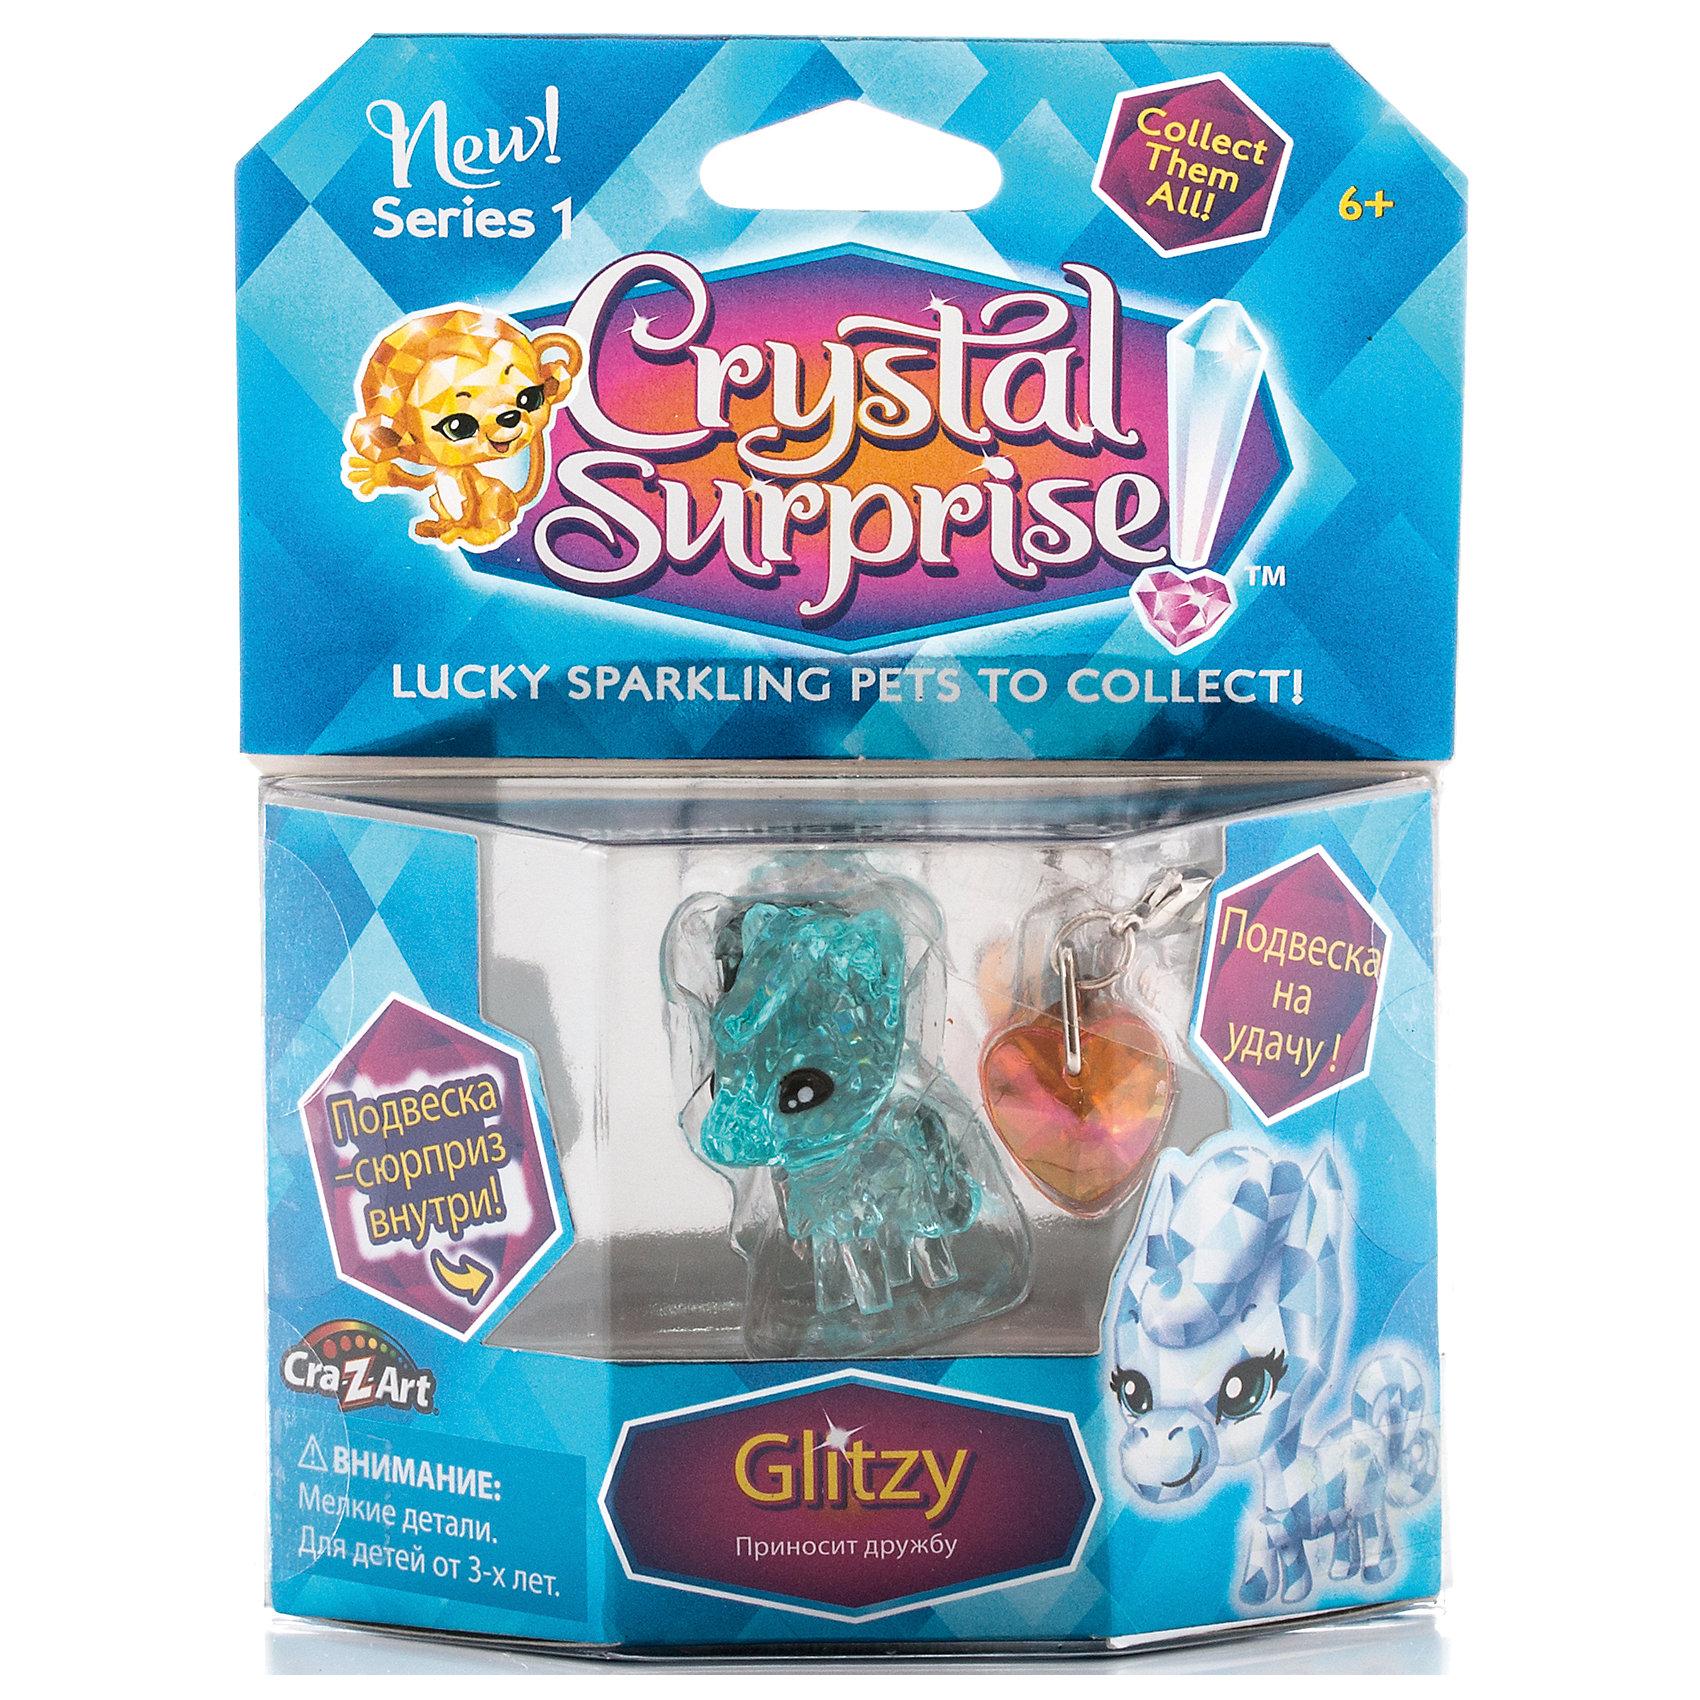 Фигурка Пони+подвески, Crystal Surprise, в ассортиментеФигурка Crystal Surprise - искрящийся на солнце талисман. Эти волшебные зверьки будто сияют магией! Кристальные фигурки выполнены из высококачественного полупрозрачного пластика. У каждого зверька свой цвет и своя, особенная, история. Пони Глитзи (Glitzy) - фигурка талисман, чья задача - сохранение дружбы. Пони очень милая и добрая, ее волшебная сила помогает найти друзей и сделать дружбу крепче! Фигурка сделана из полупрозрачного материала с красивым зеленым оттенком. В комплект, также, входит буклет коллекционера и украшения для девочек - подвеска в виде сердечка и подвеска-сюрприз. Их можно повесить на рюкзак, использовать как брелок или украсить свой браслет.<br><br>Ширина мм: 110<br>Глубина мм: 150<br>Высота мм: 30<br>Вес г: 44<br>Возраст от месяцев: 36<br>Возраст до месяцев: 192<br>Пол: Женский<br>Возраст: Детский<br>SKU: 4663705